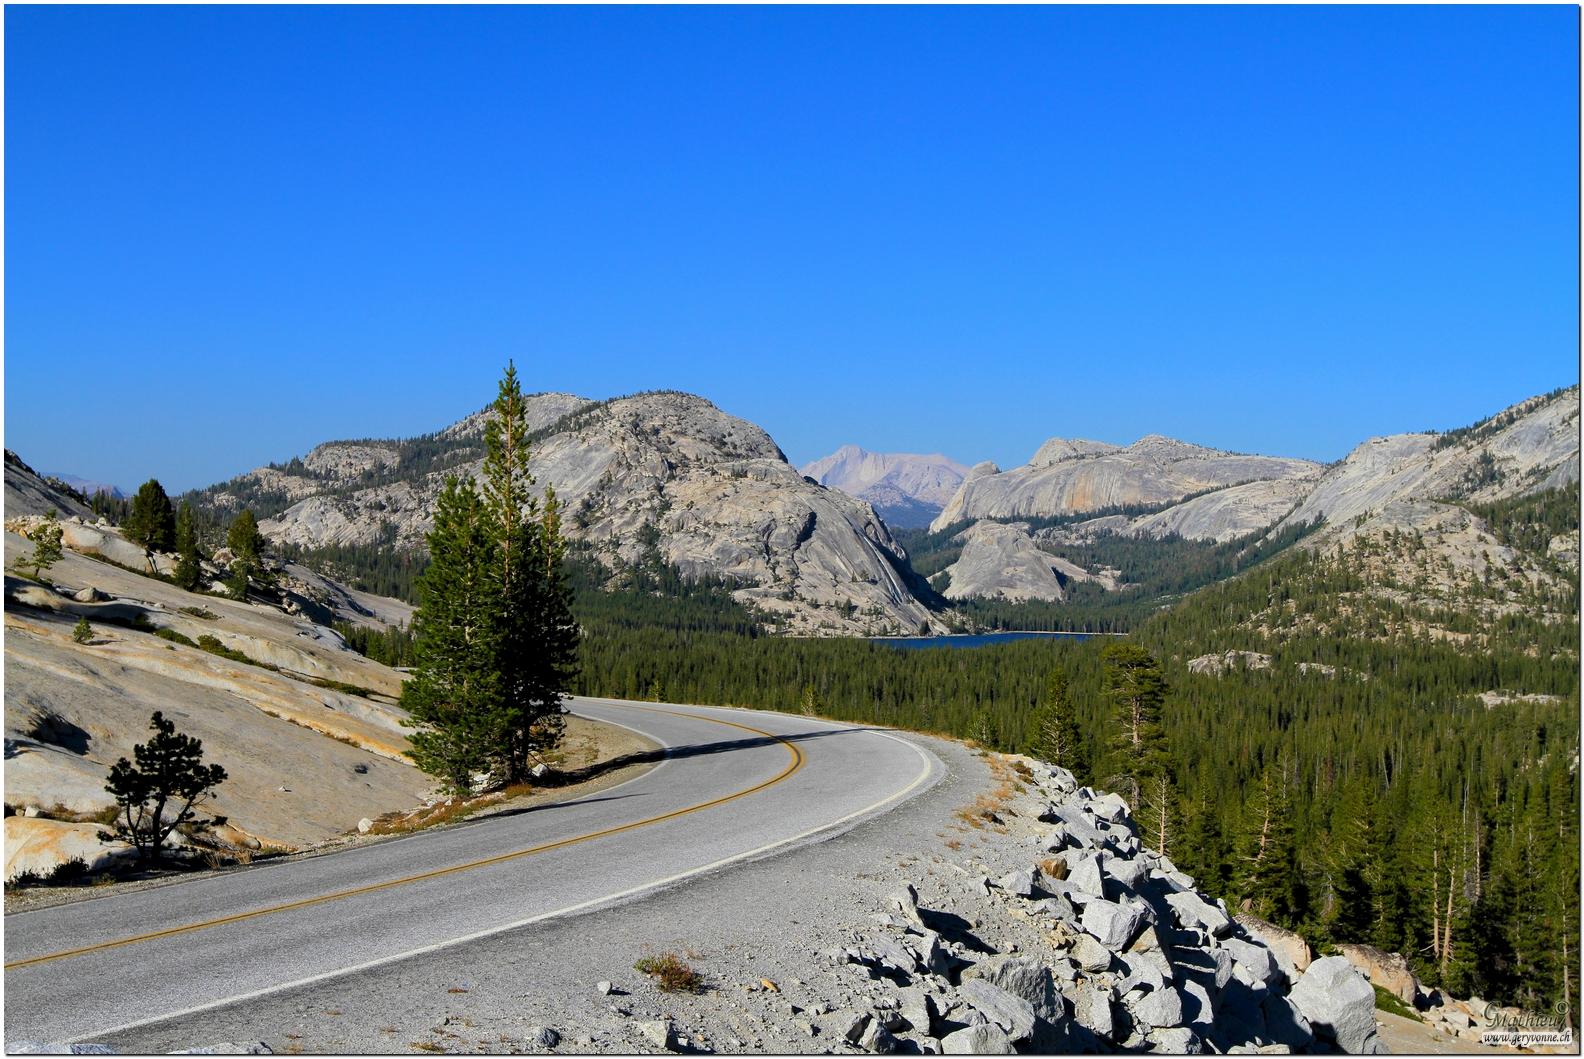 Yosemite, Tioga Road